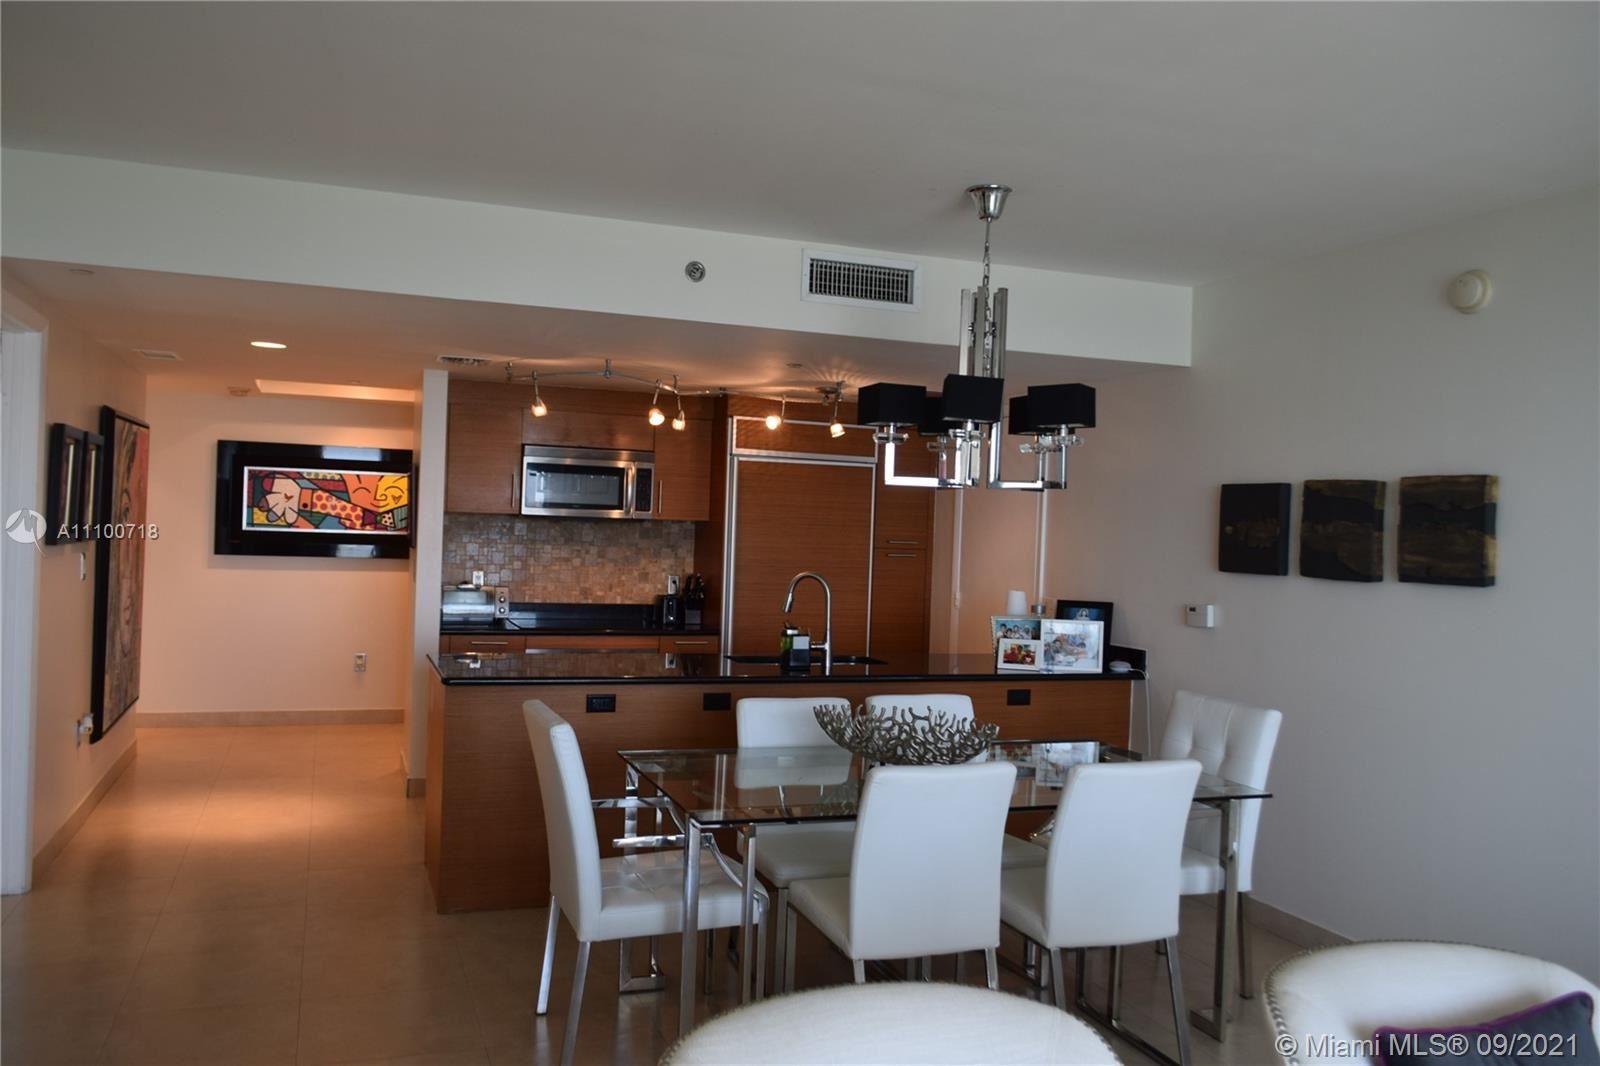 50 Biscayne Blvd #1710, Miami, FL 33132 - #: A11100718